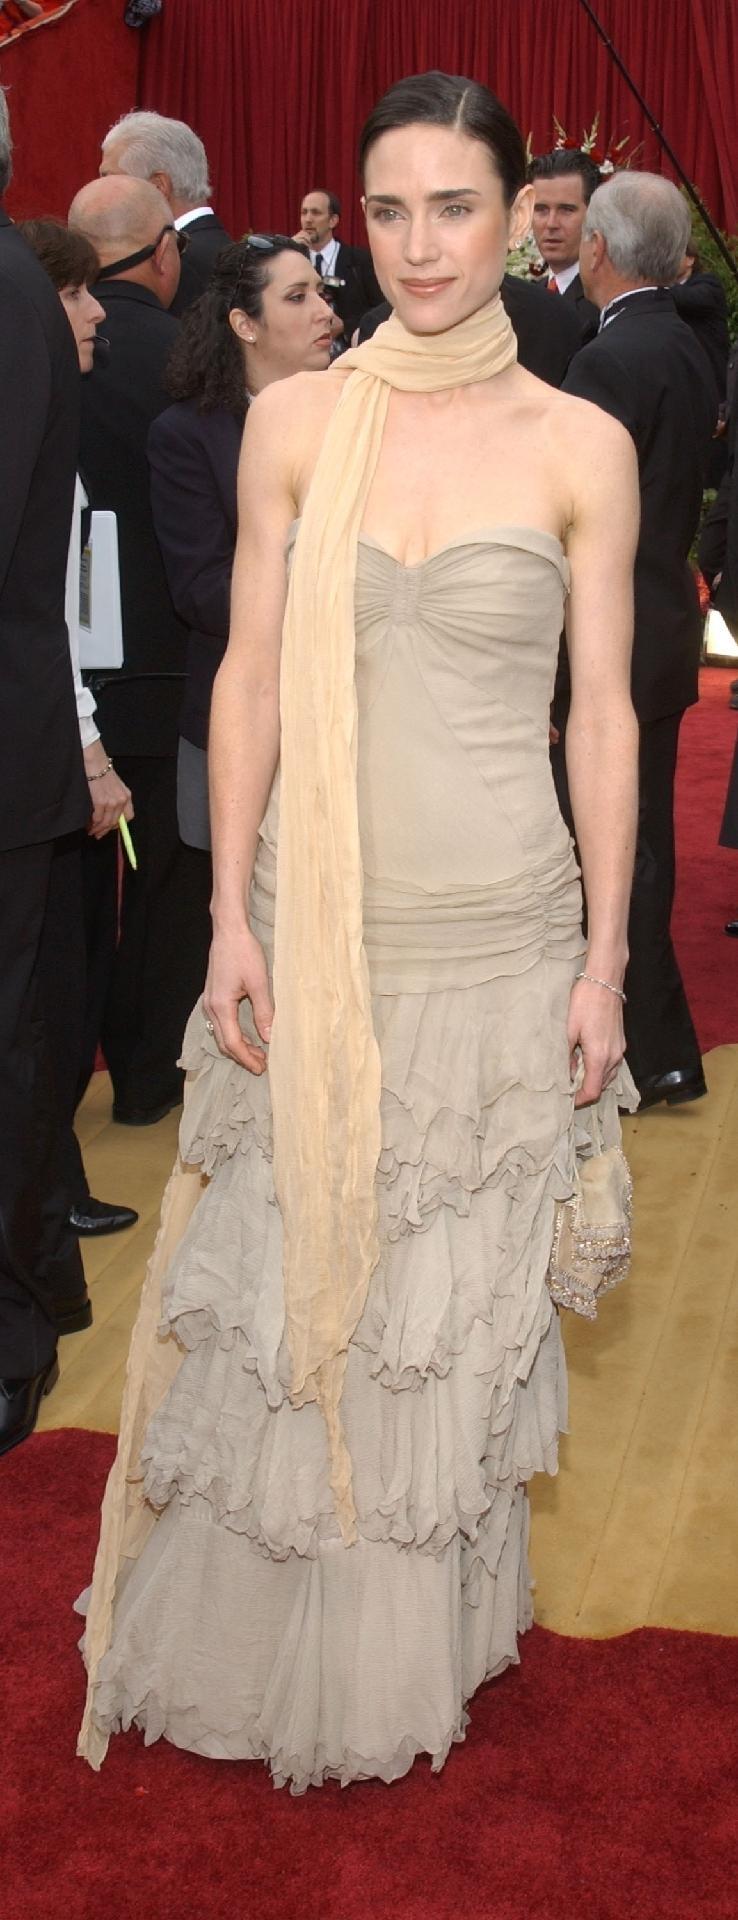 Fotos: Os looks mais criticados da história do Oscar ...